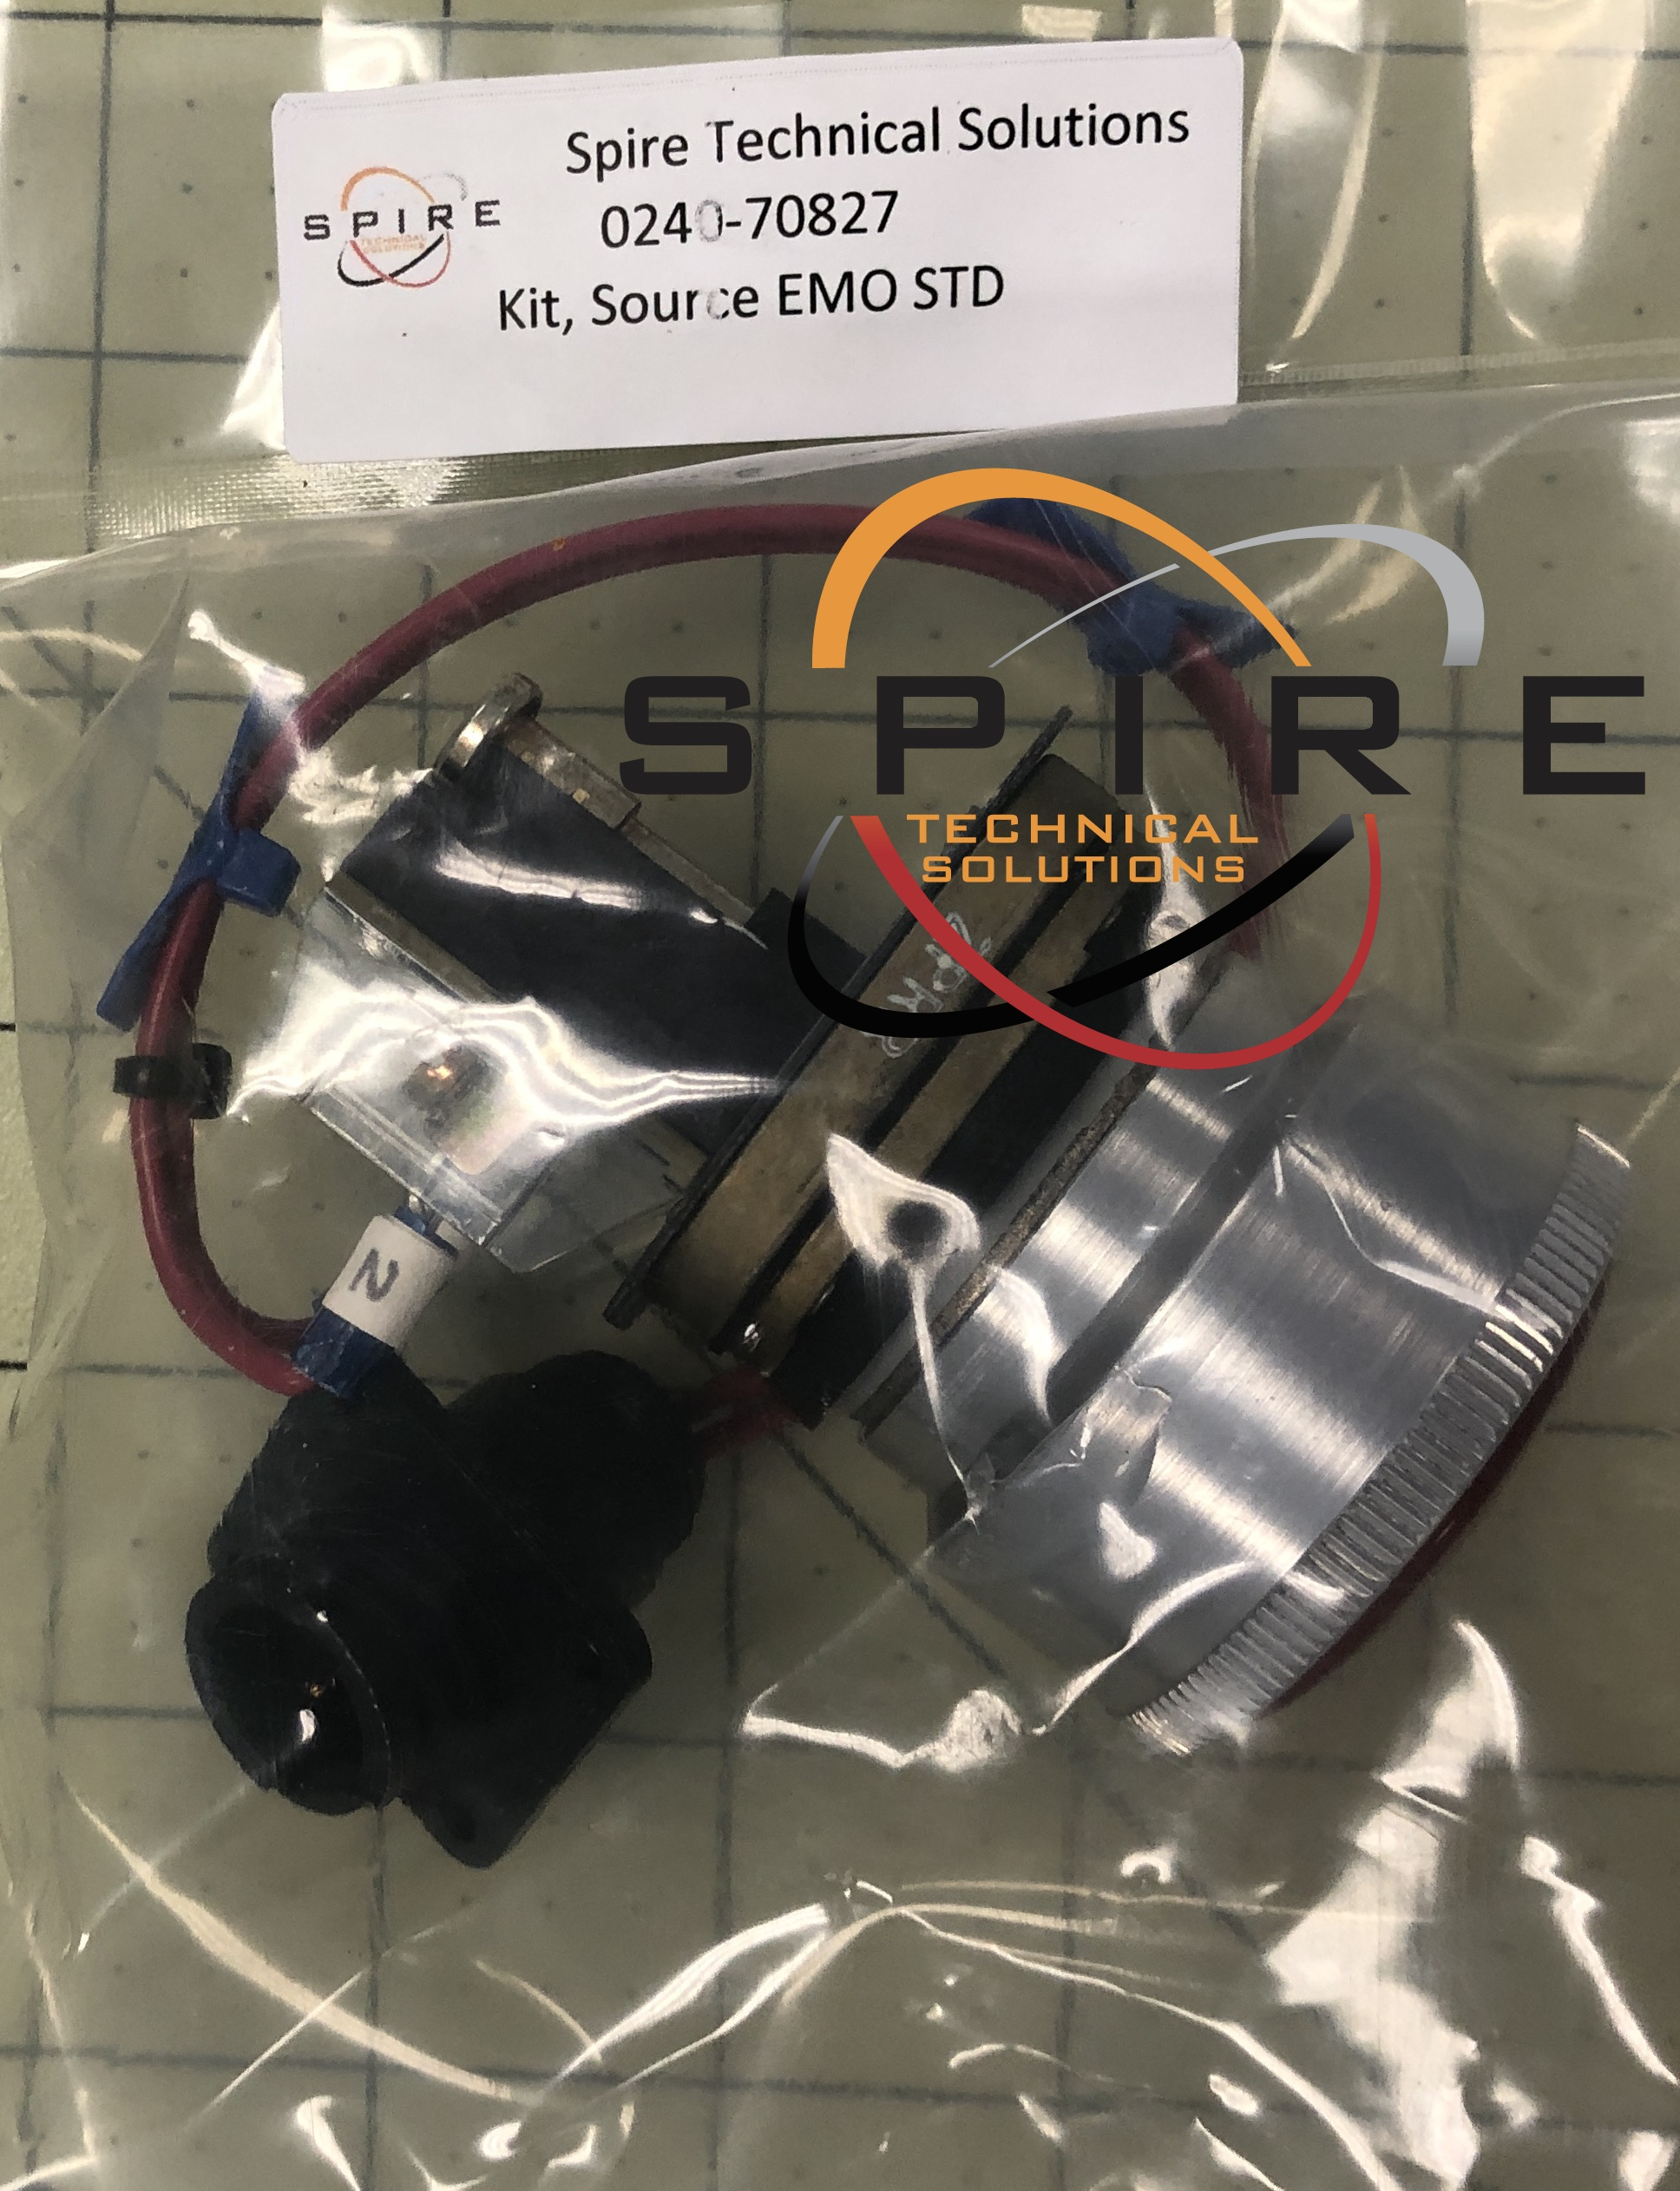 Kit, Source EMO STD